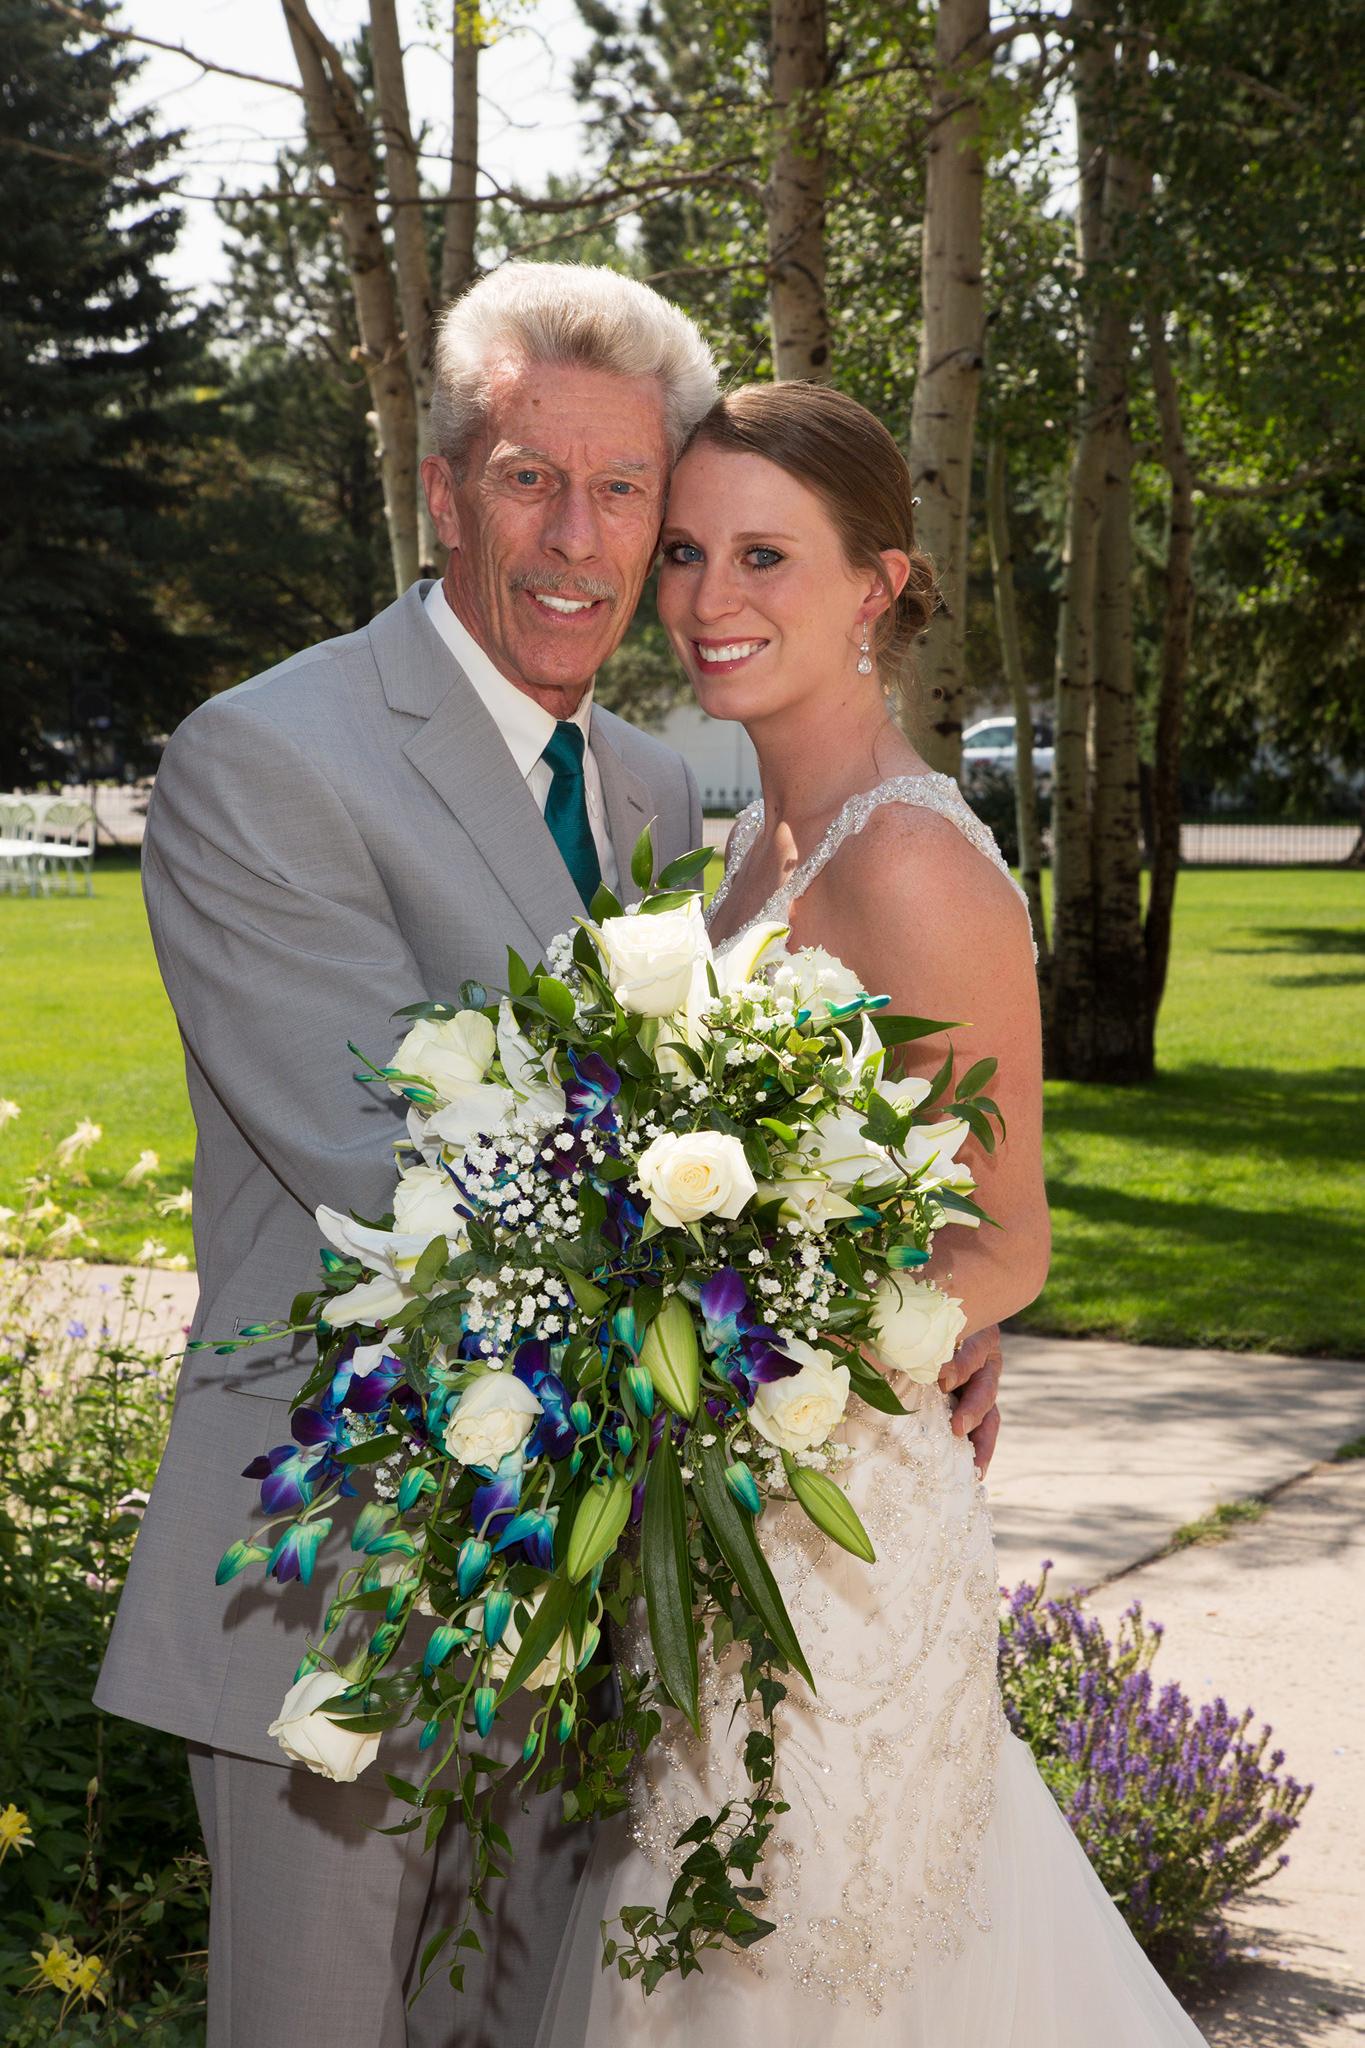 marchese_wedding_023 copy